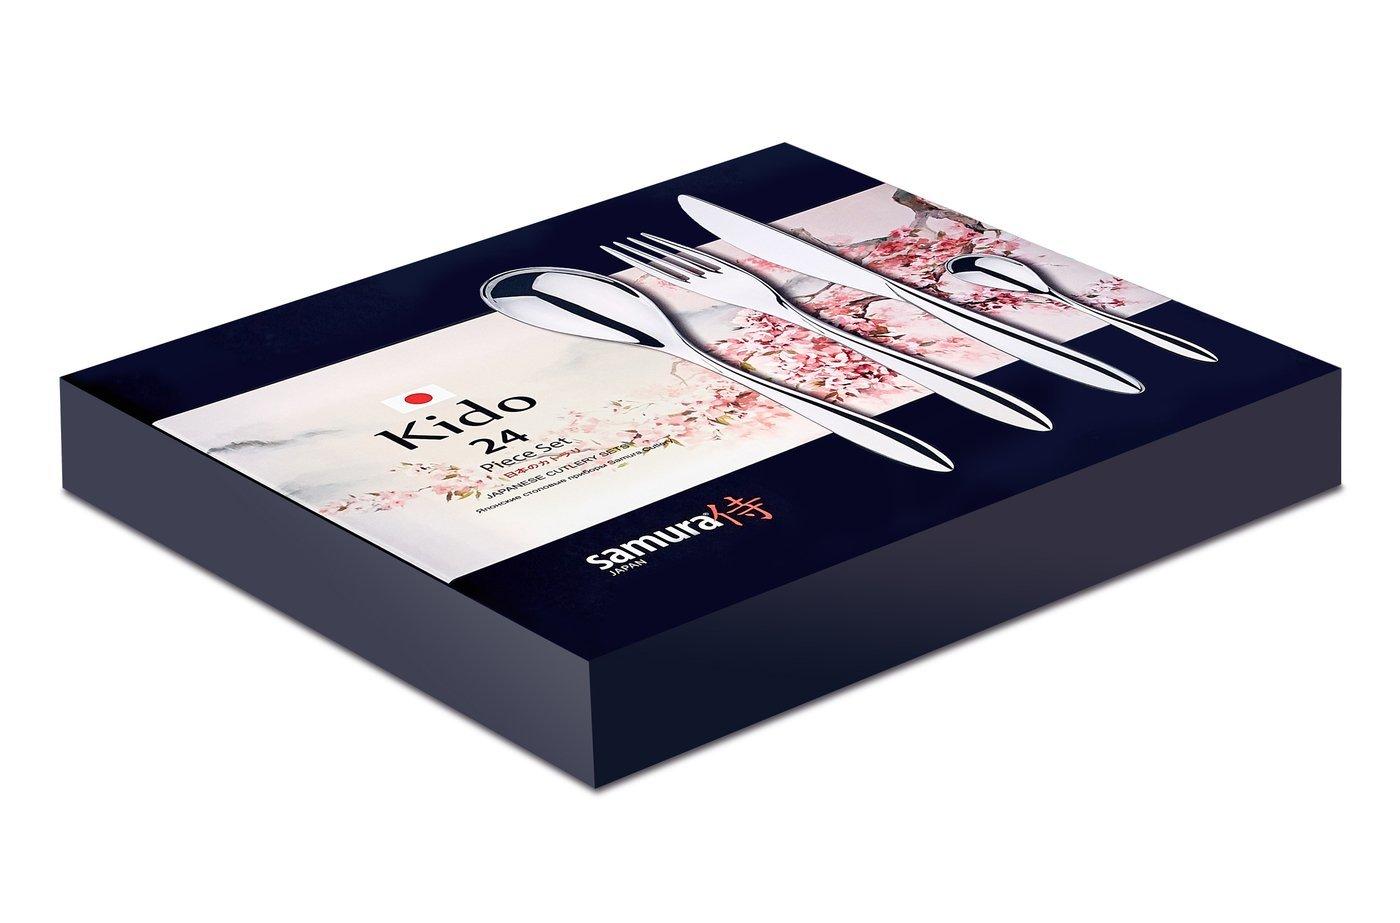 Набор столовых приборов (24 предмета) Samura Kido, легированная нержавеющая сталь 18/10 набор столовых приборов moulinvilla длина 30 см 2 предмета